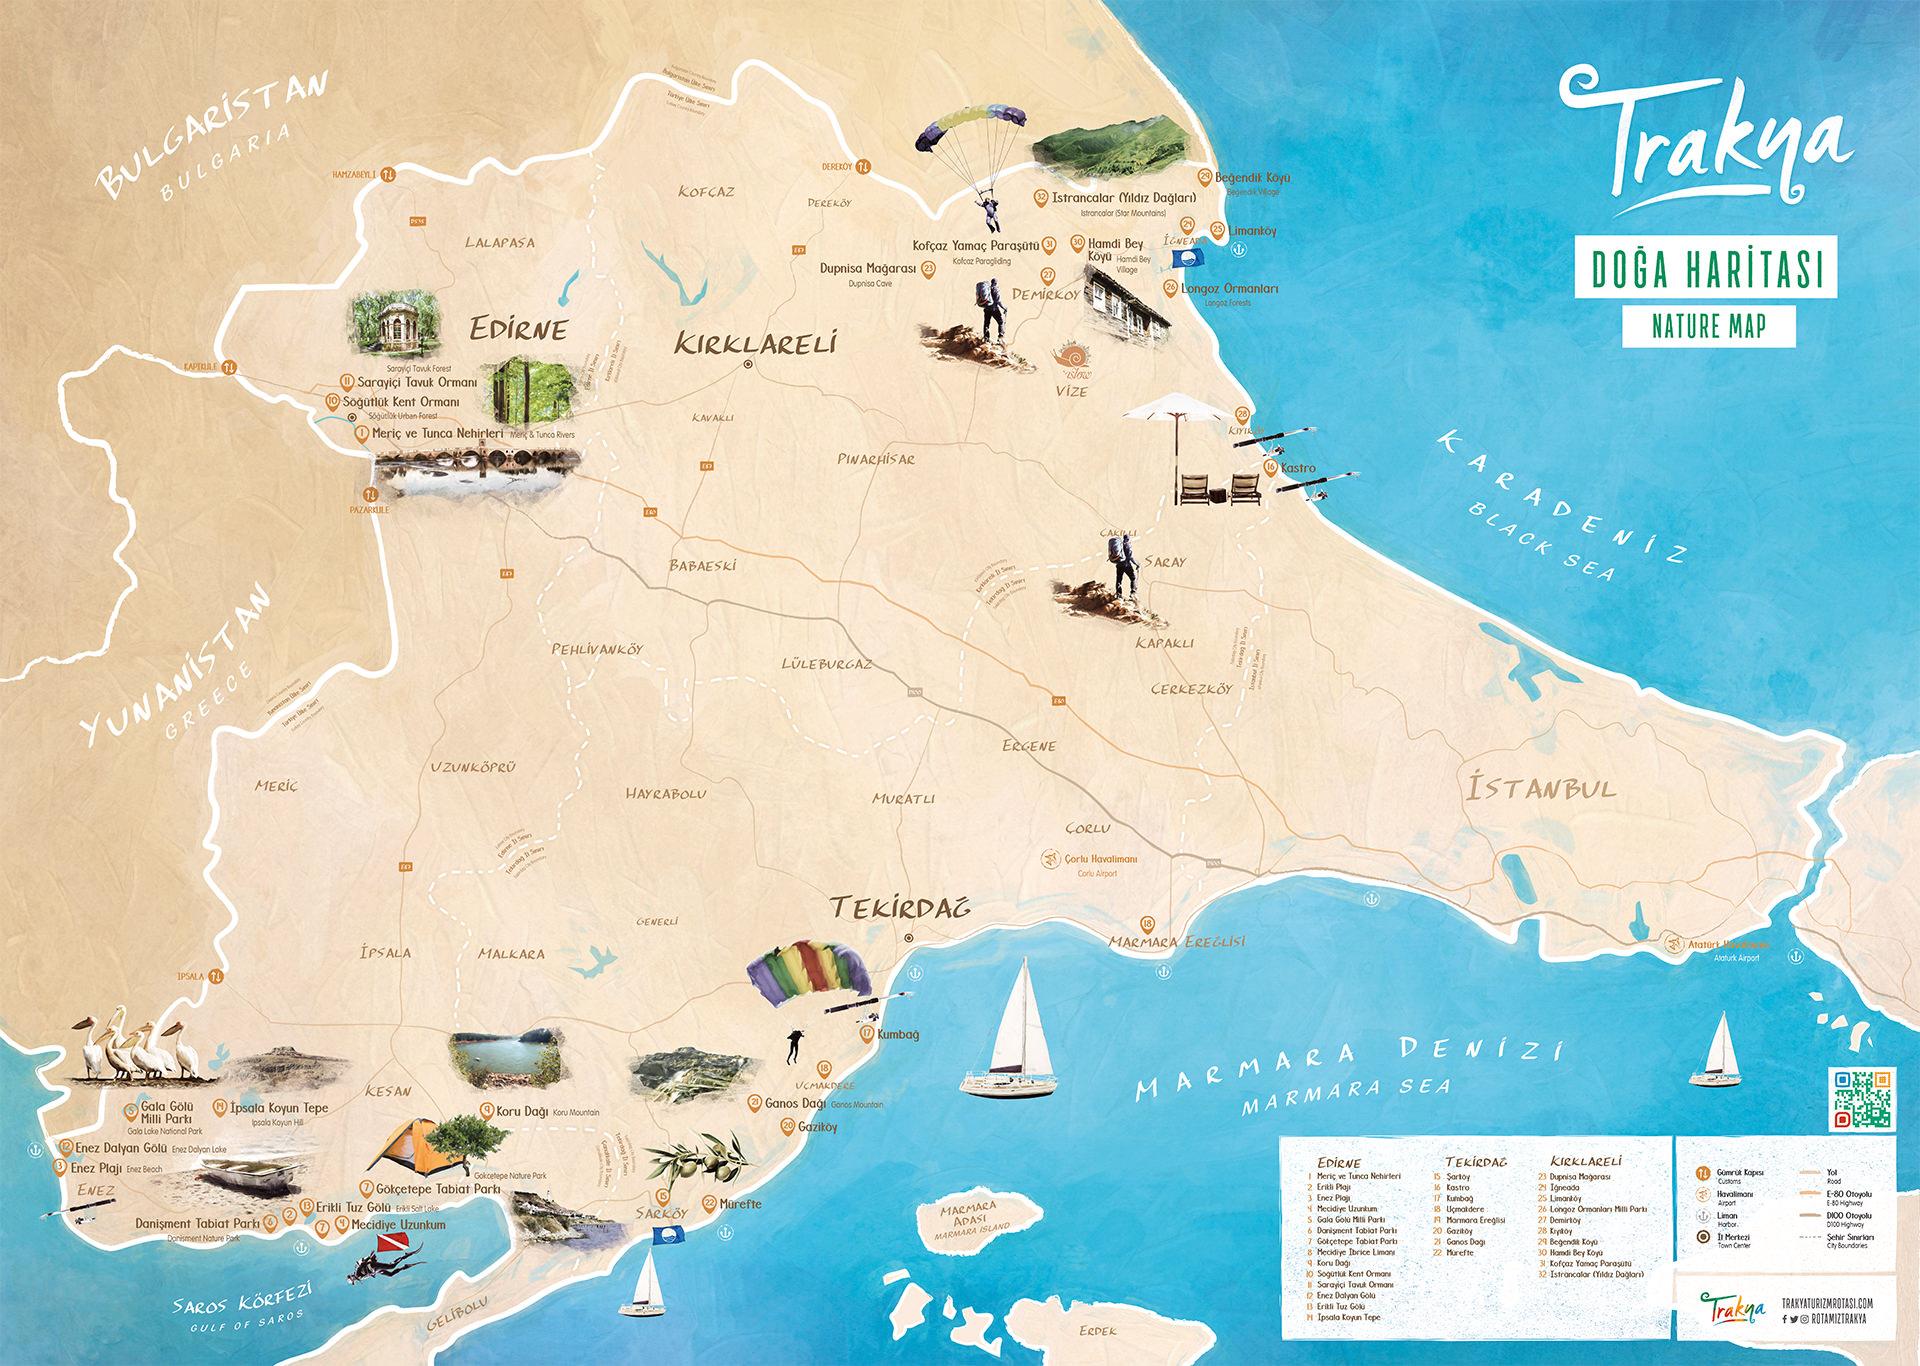 harita_doga